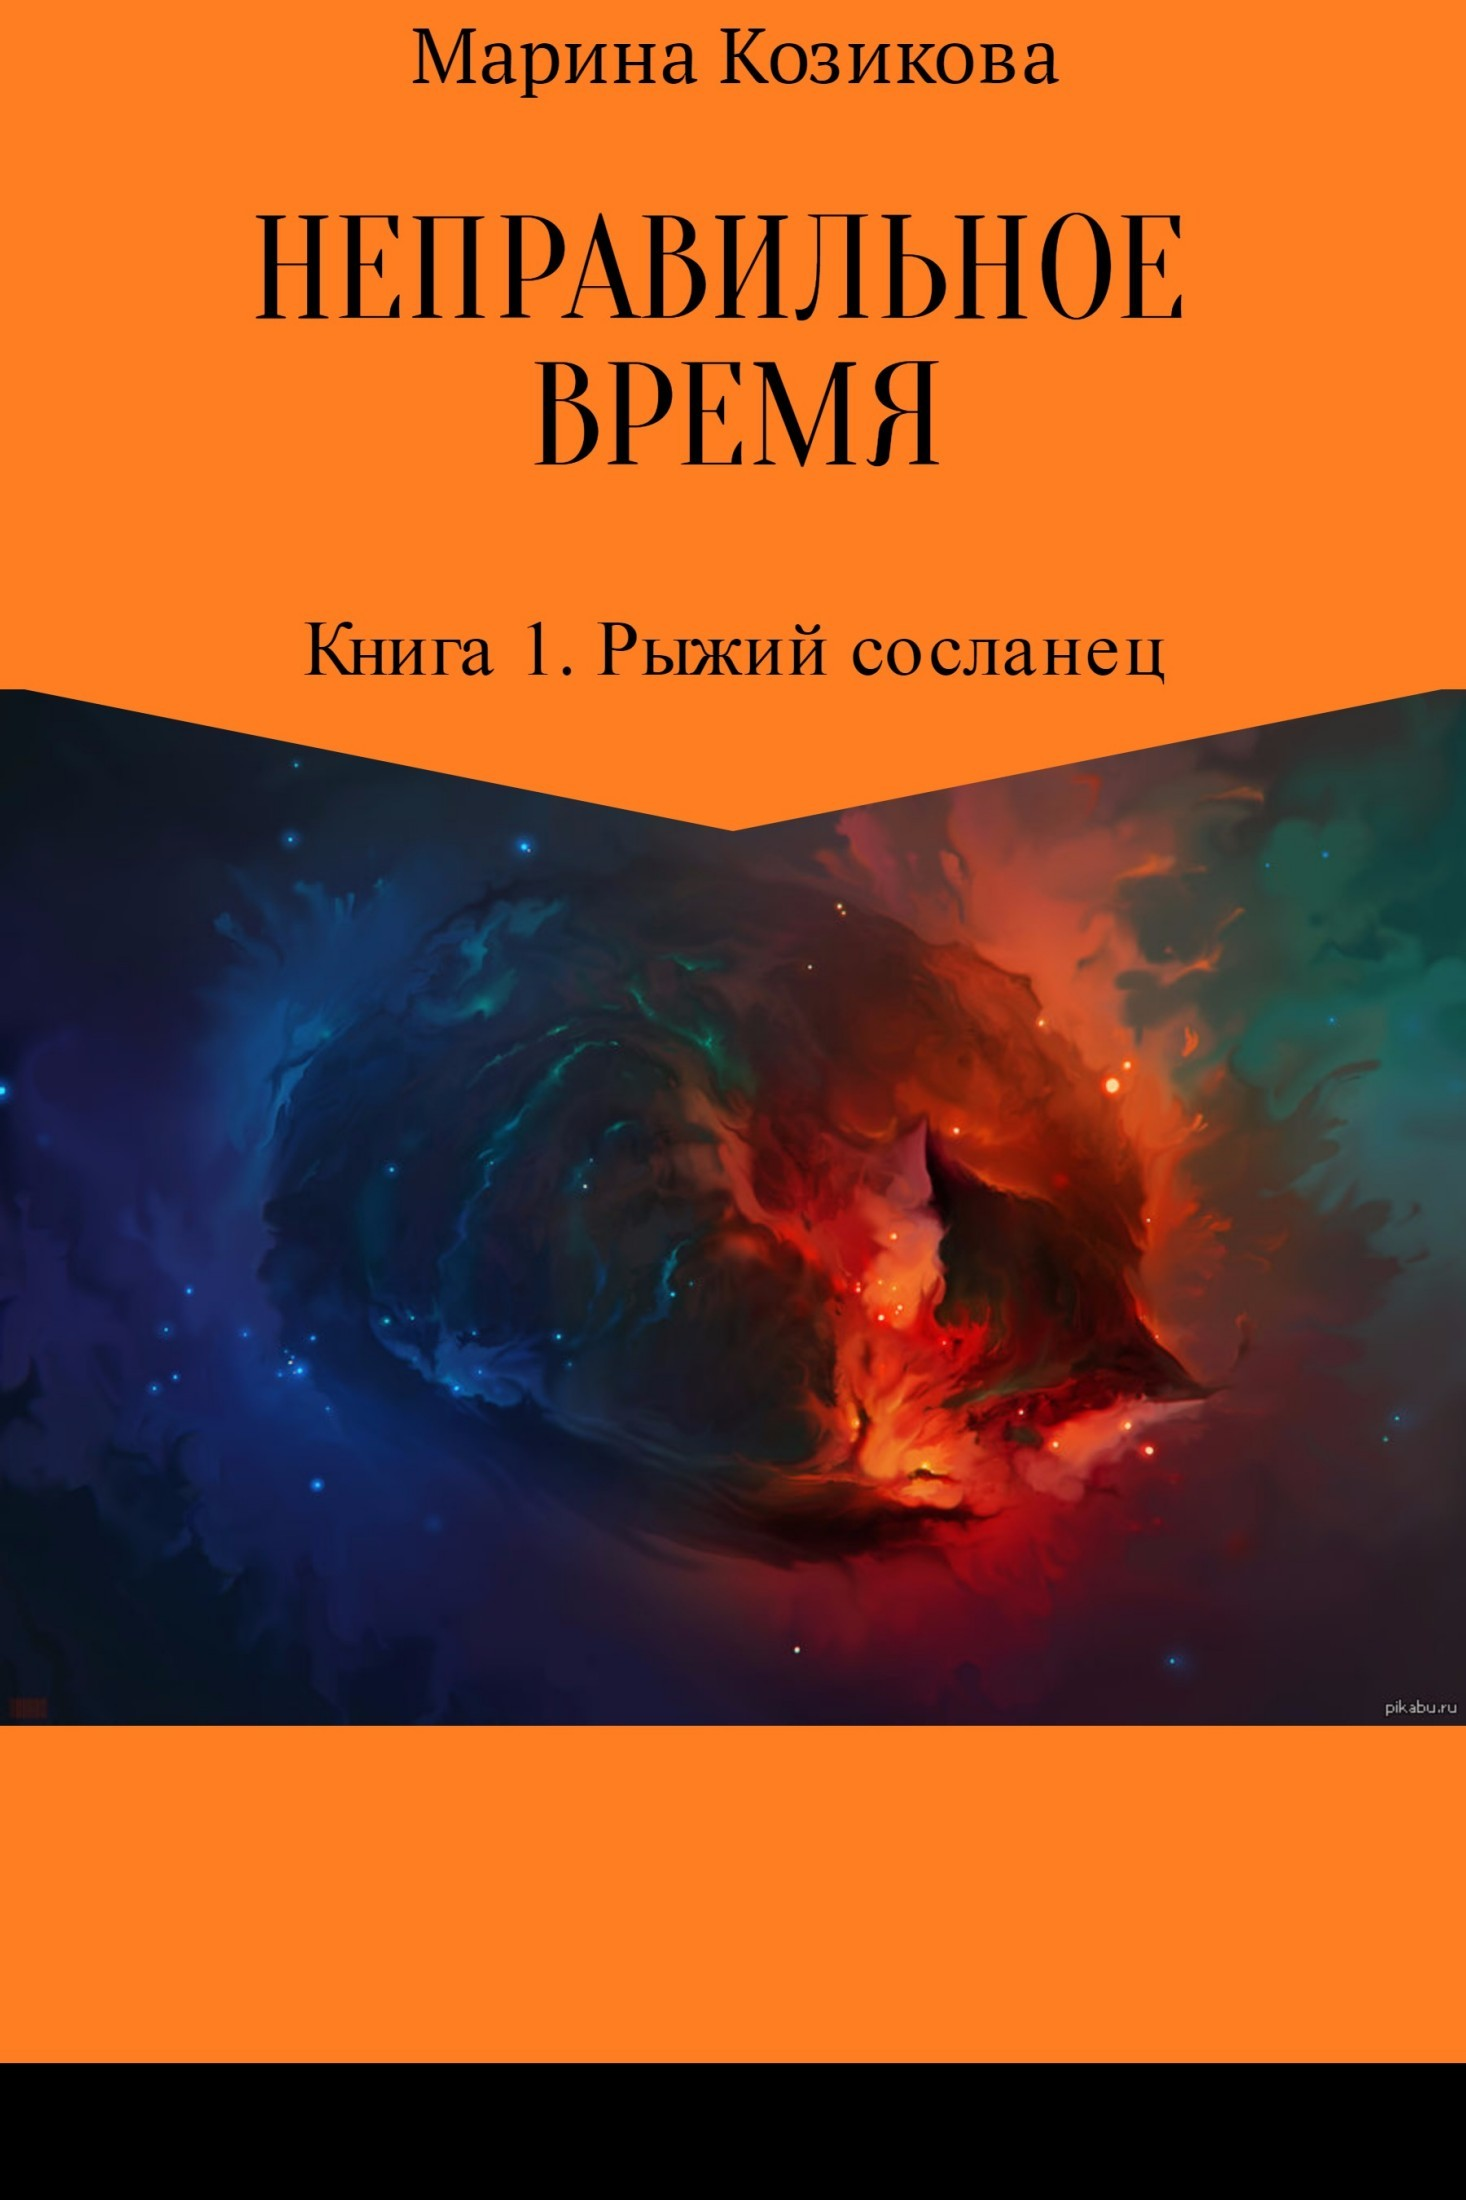 Марина Козикова - Неправильное время. Книга 1. Рыжий сосланец